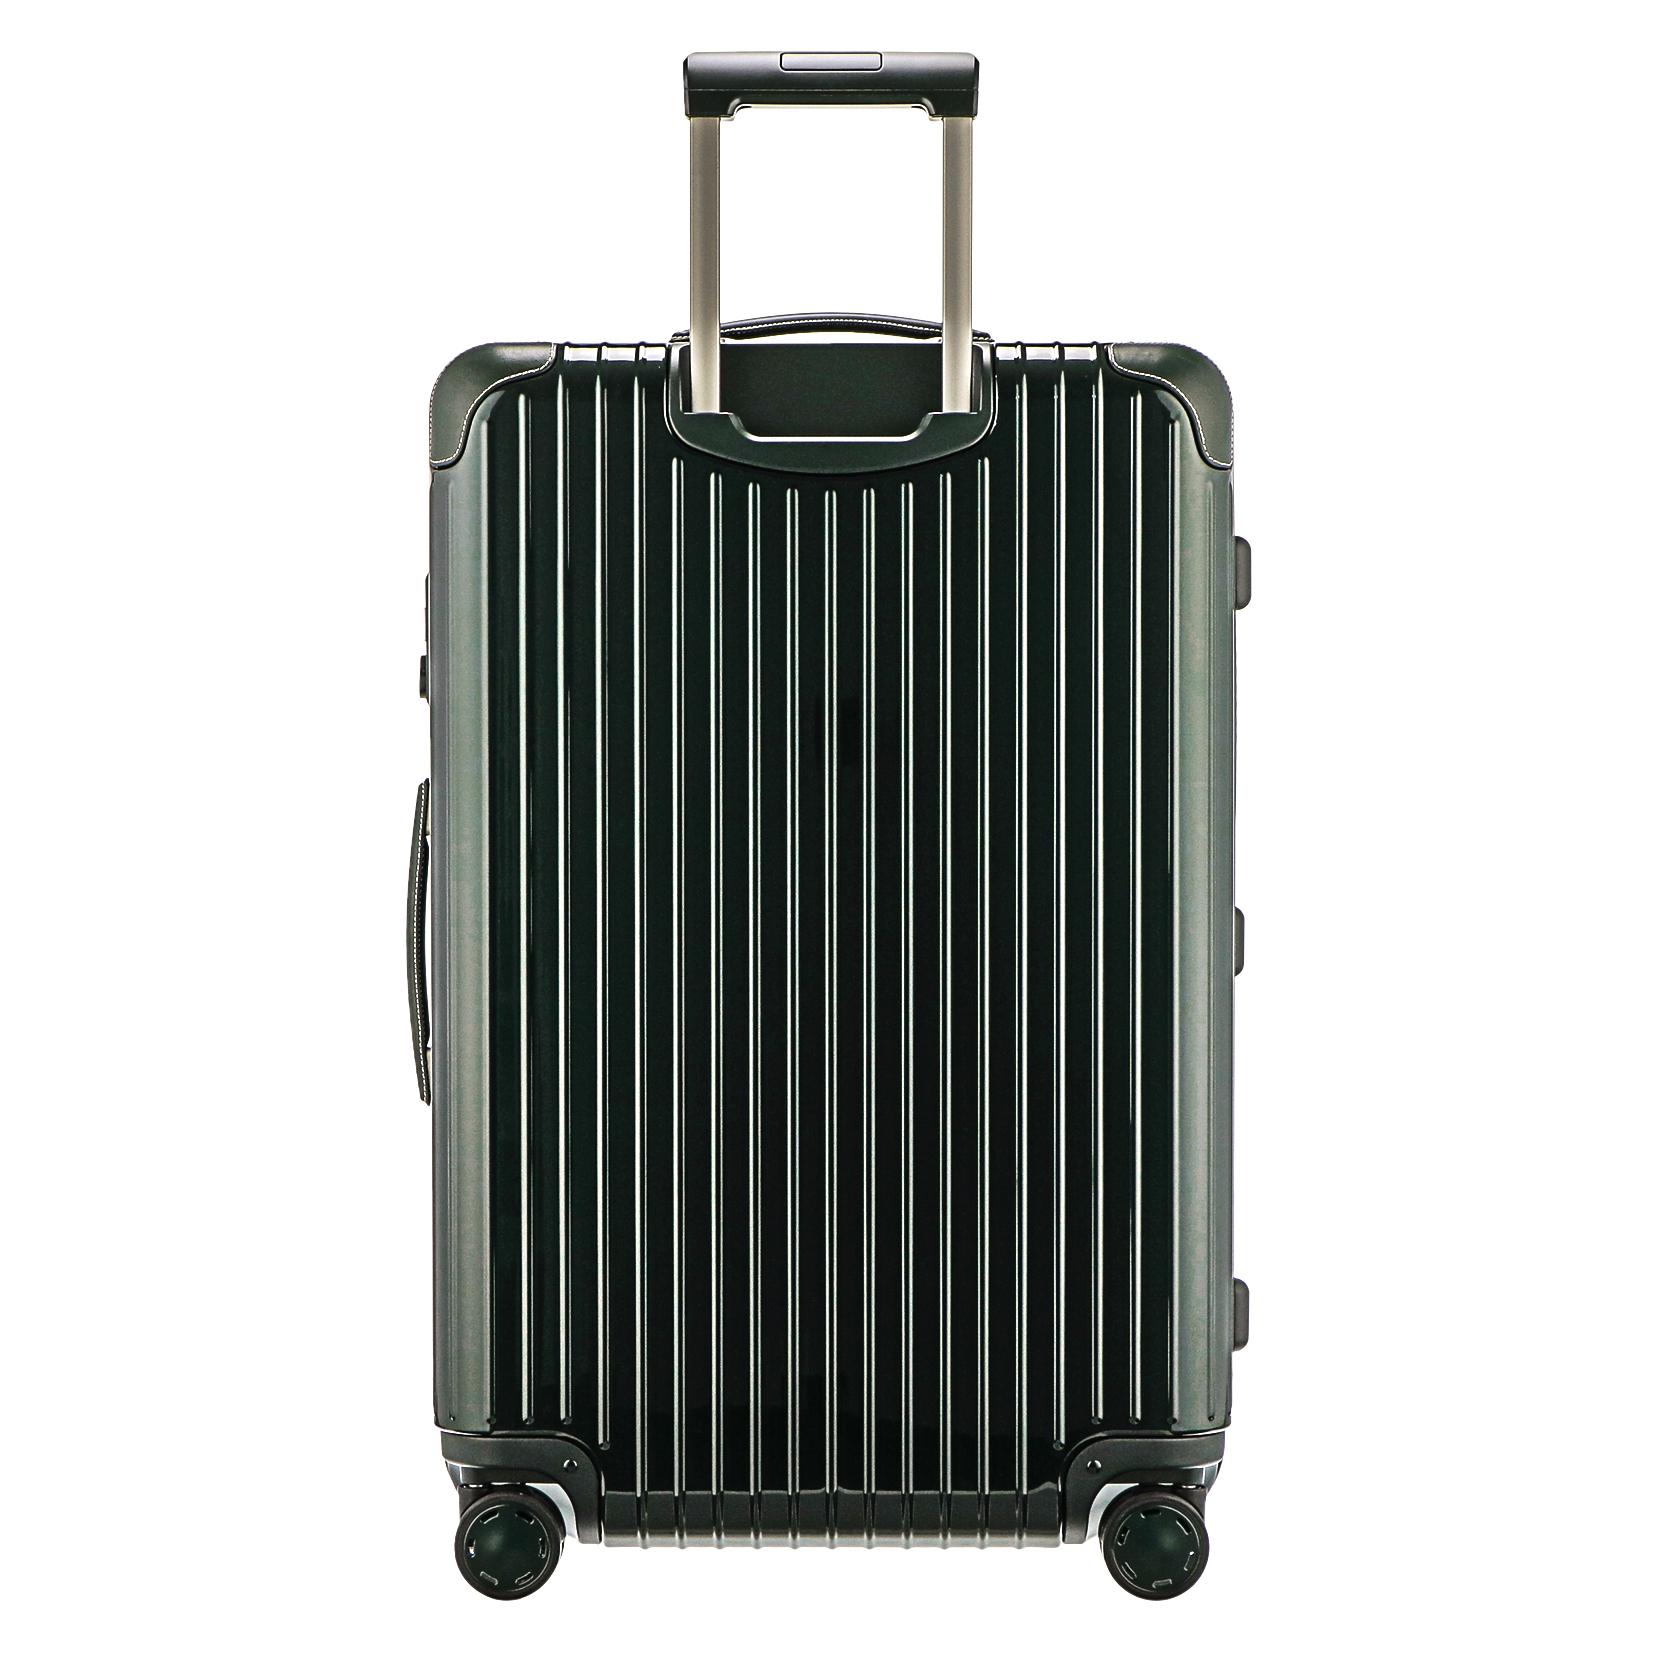 【お取り寄せ】【送料無料】リモワ RIMOWA スーツケース ボサノバ 870.73.40.5 84L 5.9kg グリーン 4泊~7泊 TSAロック 機内持ち込み不可